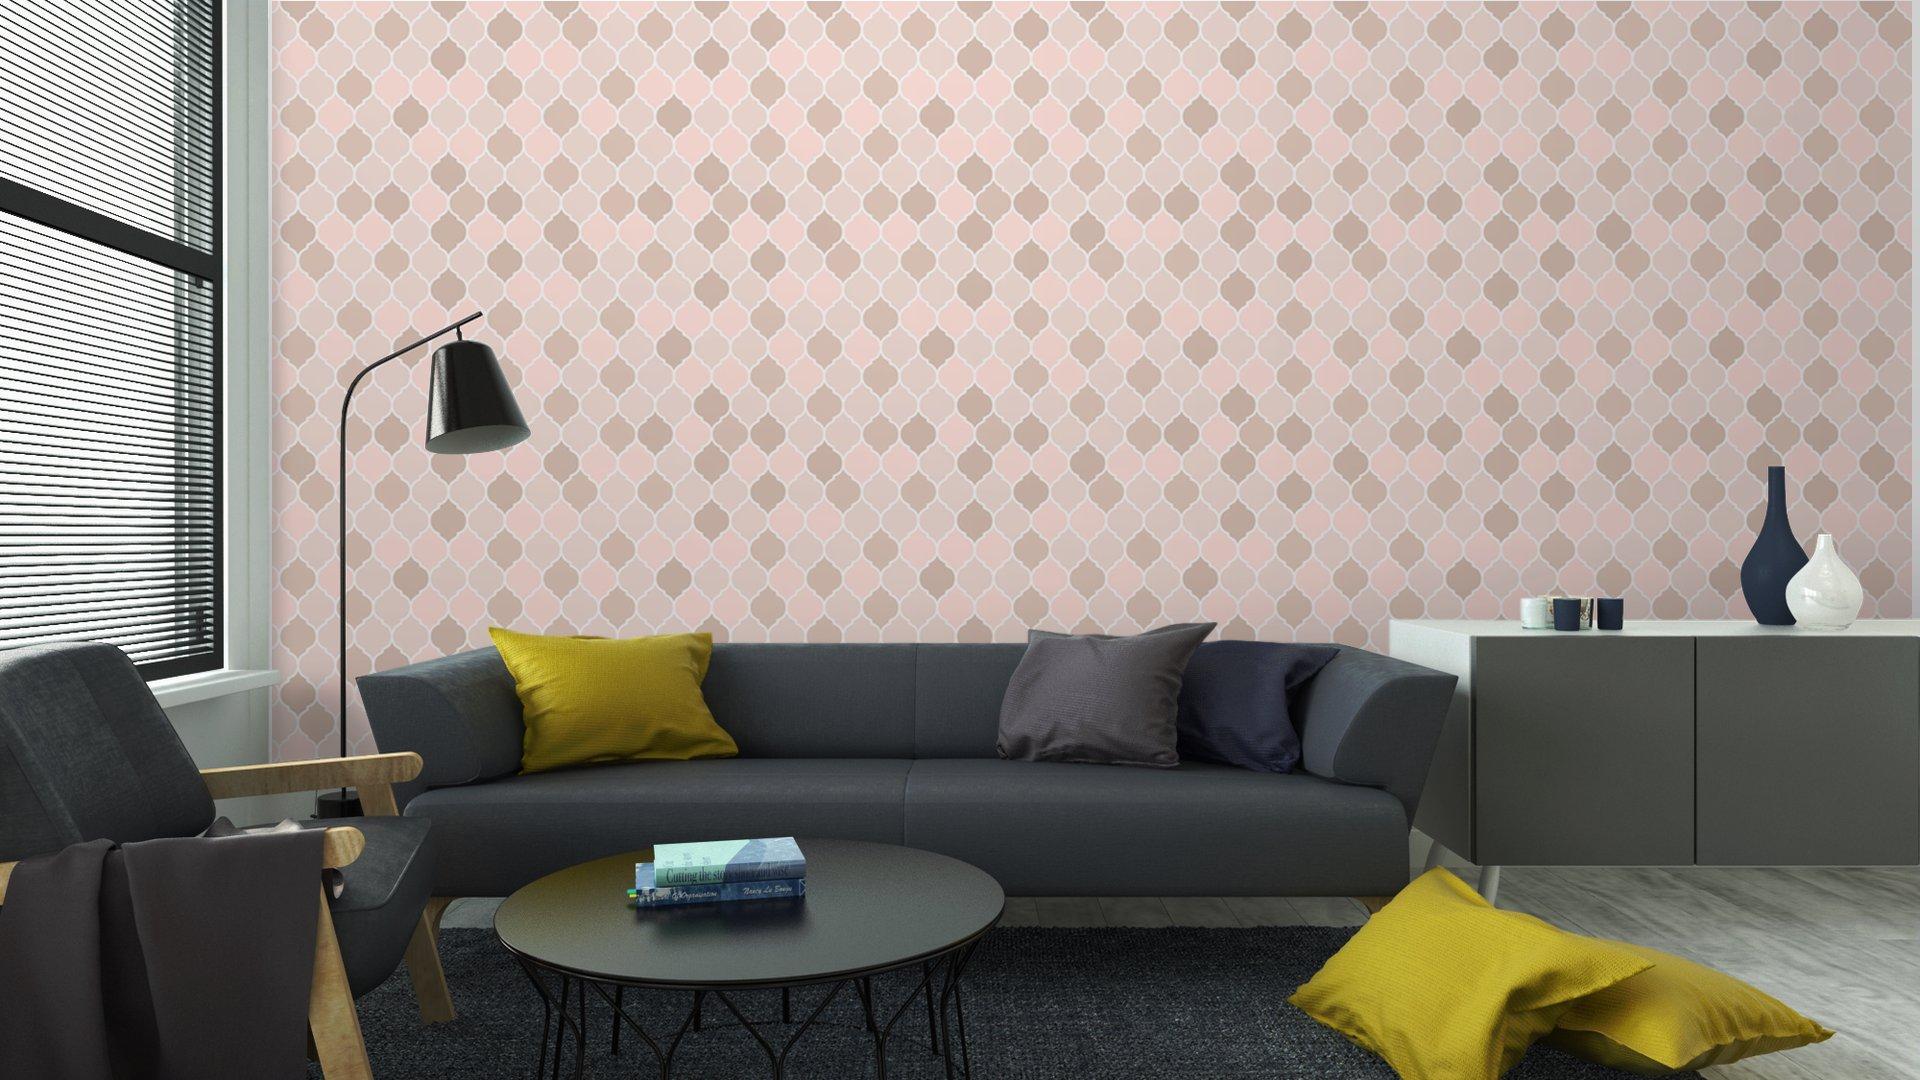 Fotomurales mexico papeles pintados baldosas sin fisuras patron de color rosa vector 5 - PapelTapizGeométrico Tonos Rosa 01